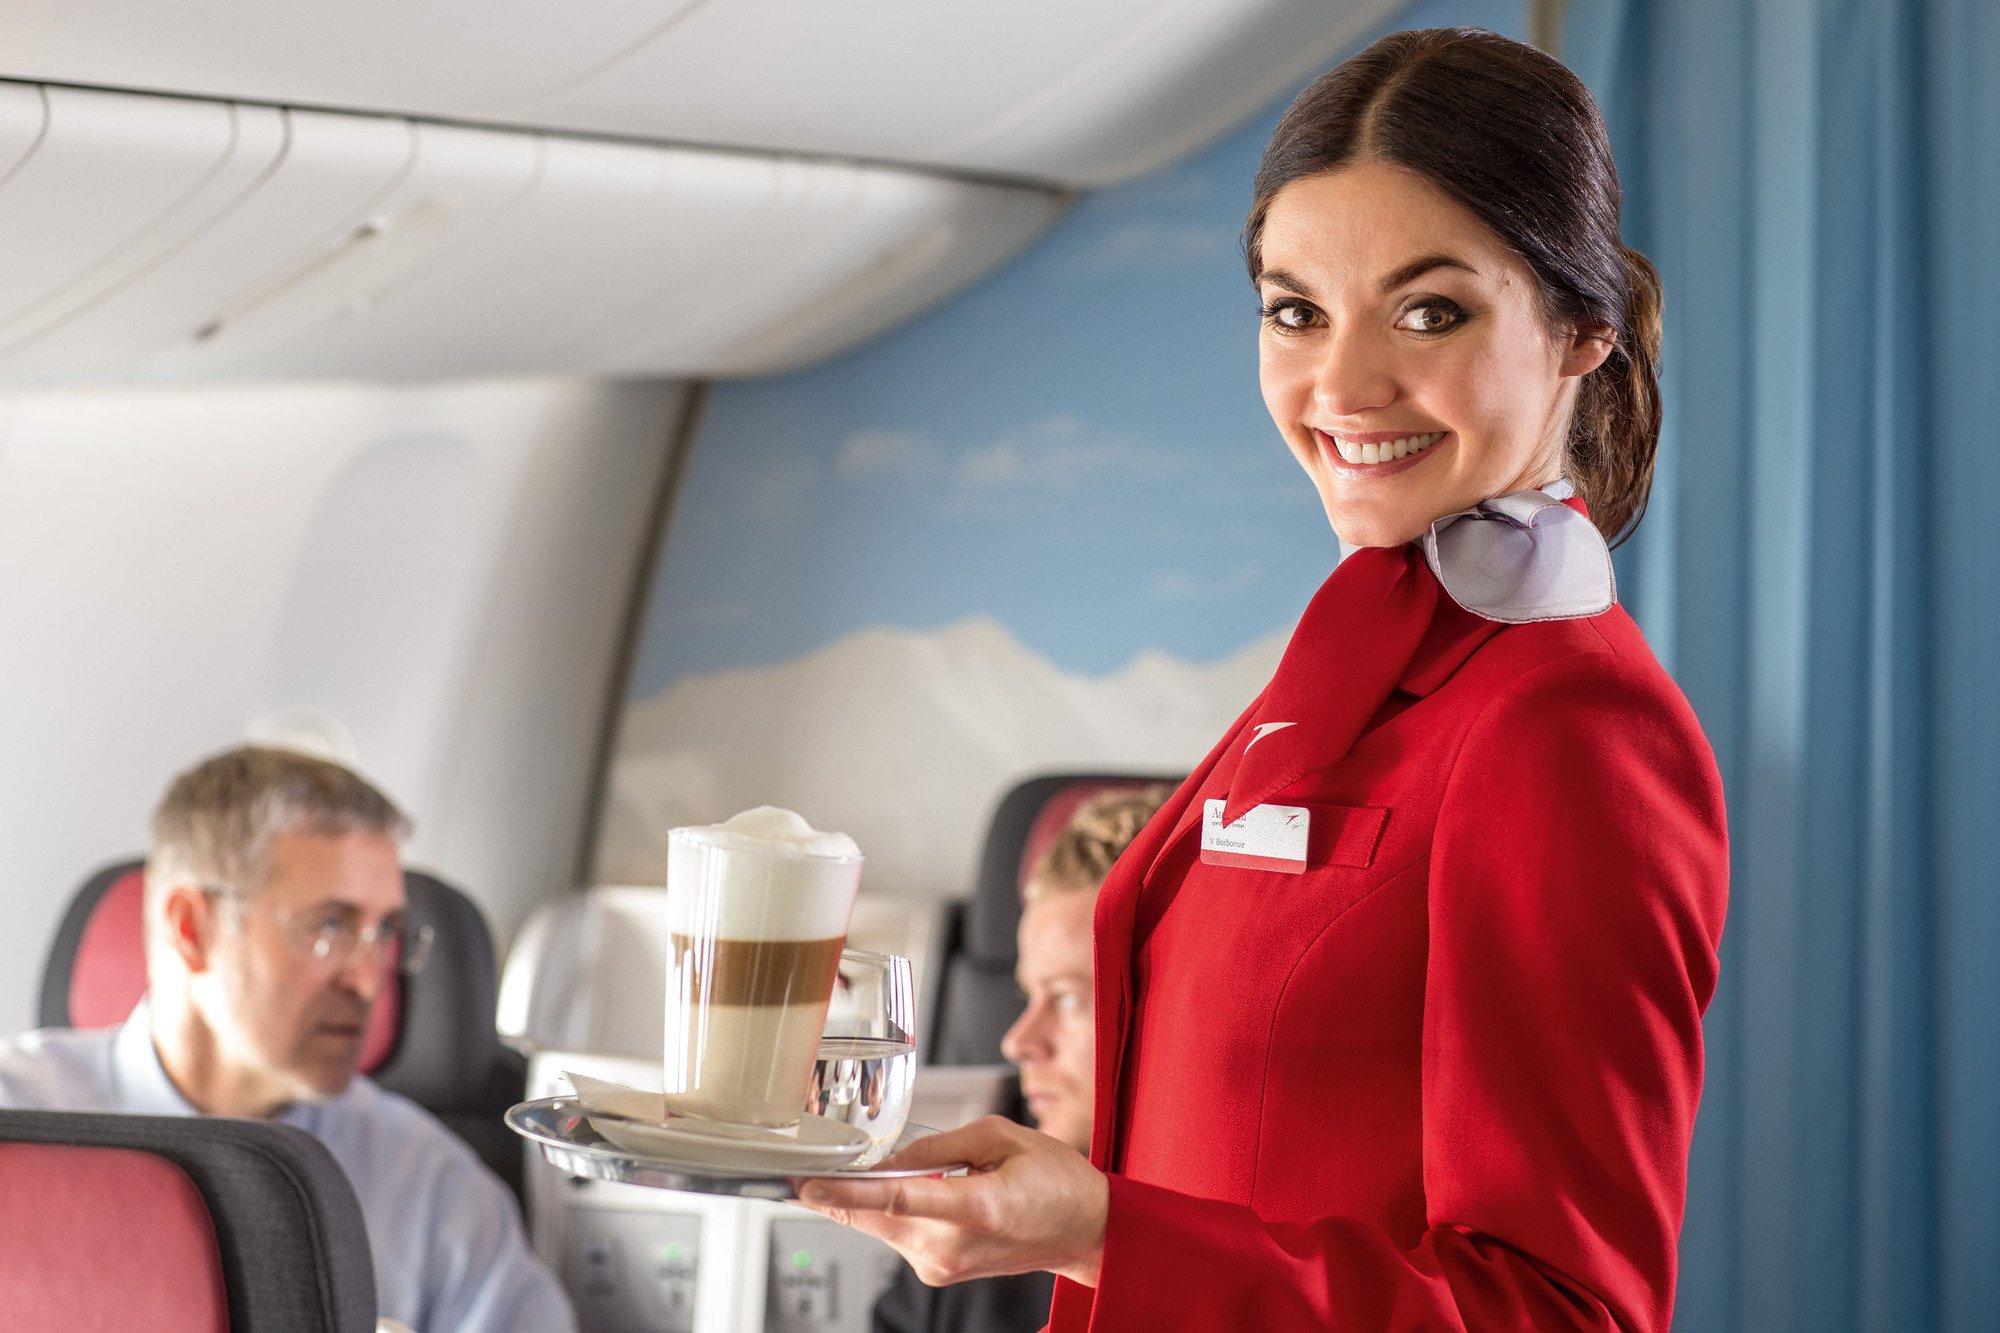 От плетенных кресел и до встроенных экранов: как менялся интерьер пассажирского самолета